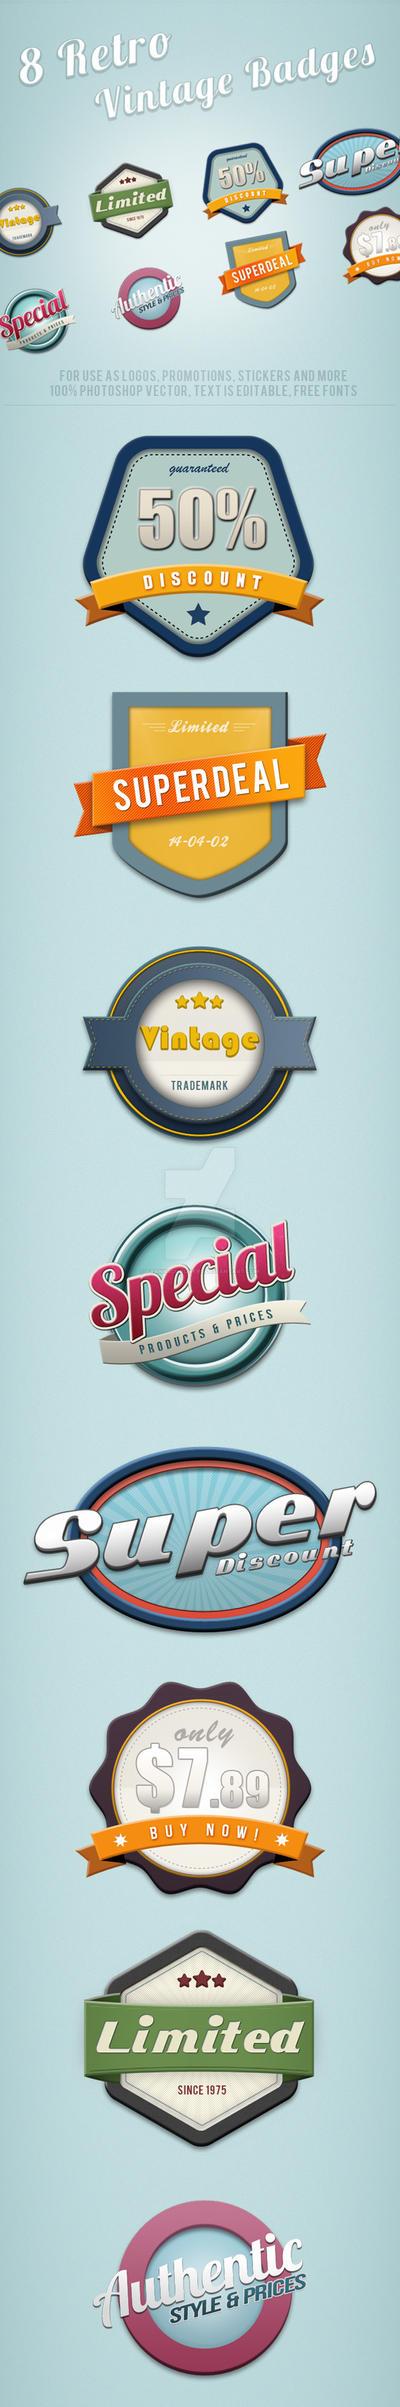 8 Retro Vintage Badges by frankschrijvers